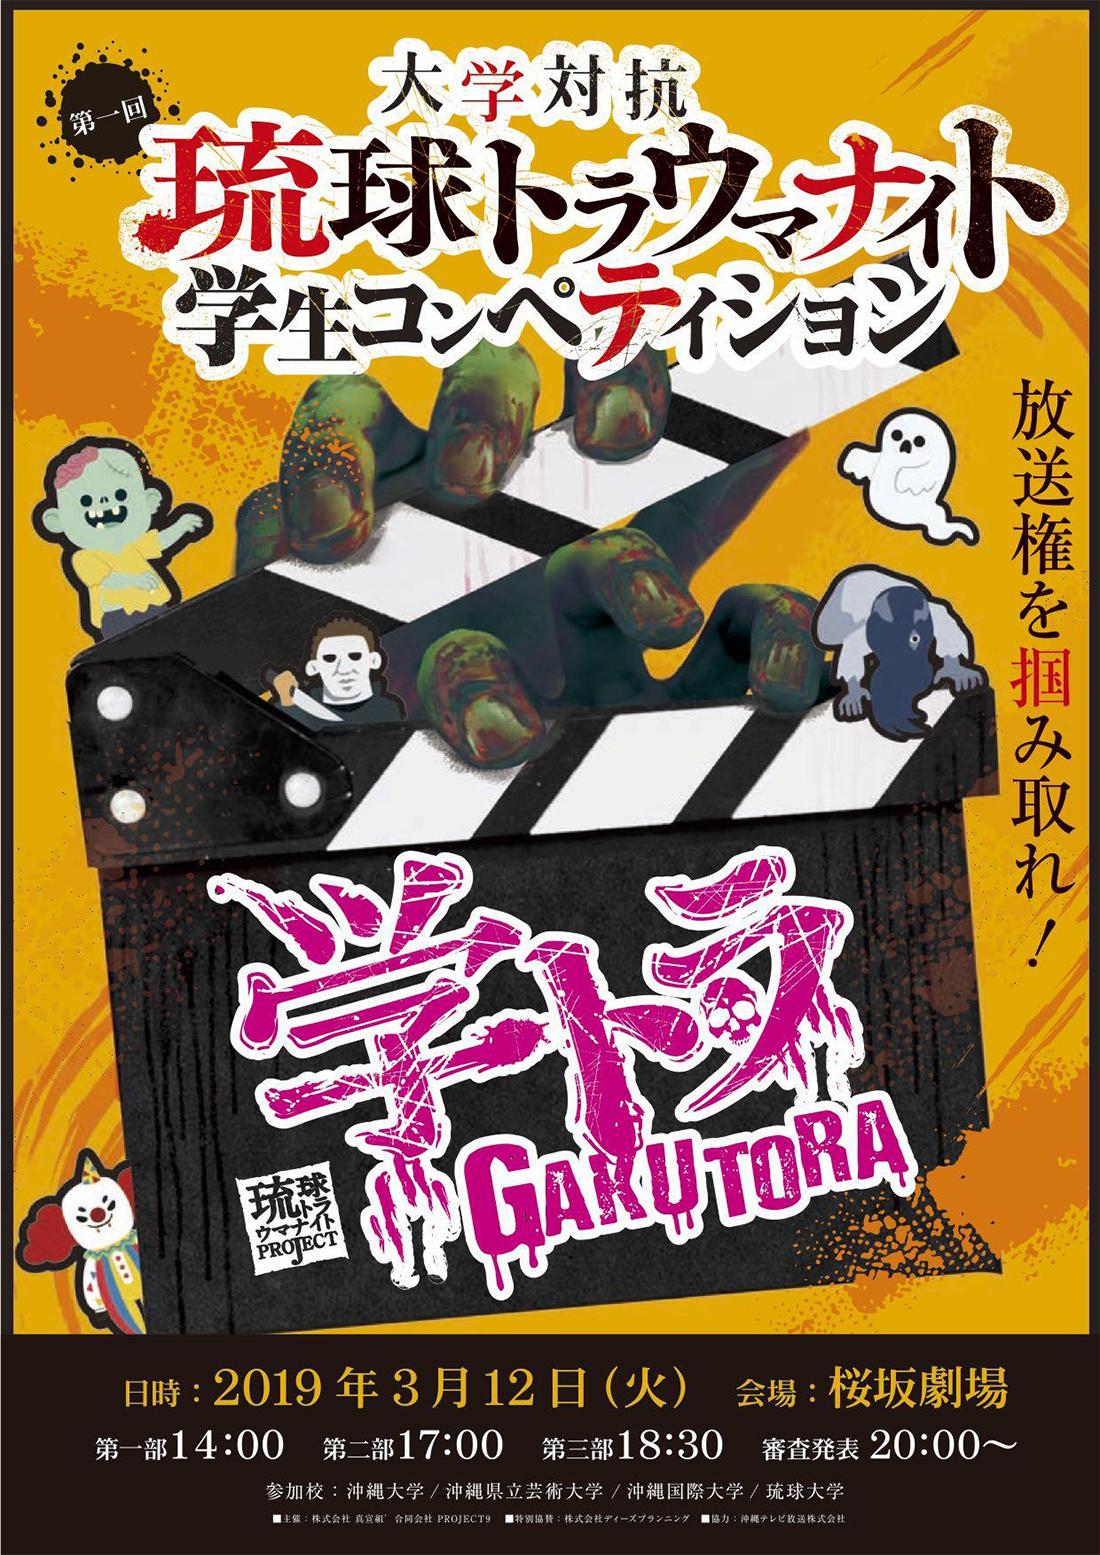 第一回大学対抗 琉球トラウマナイト学生コンペティション ポスター